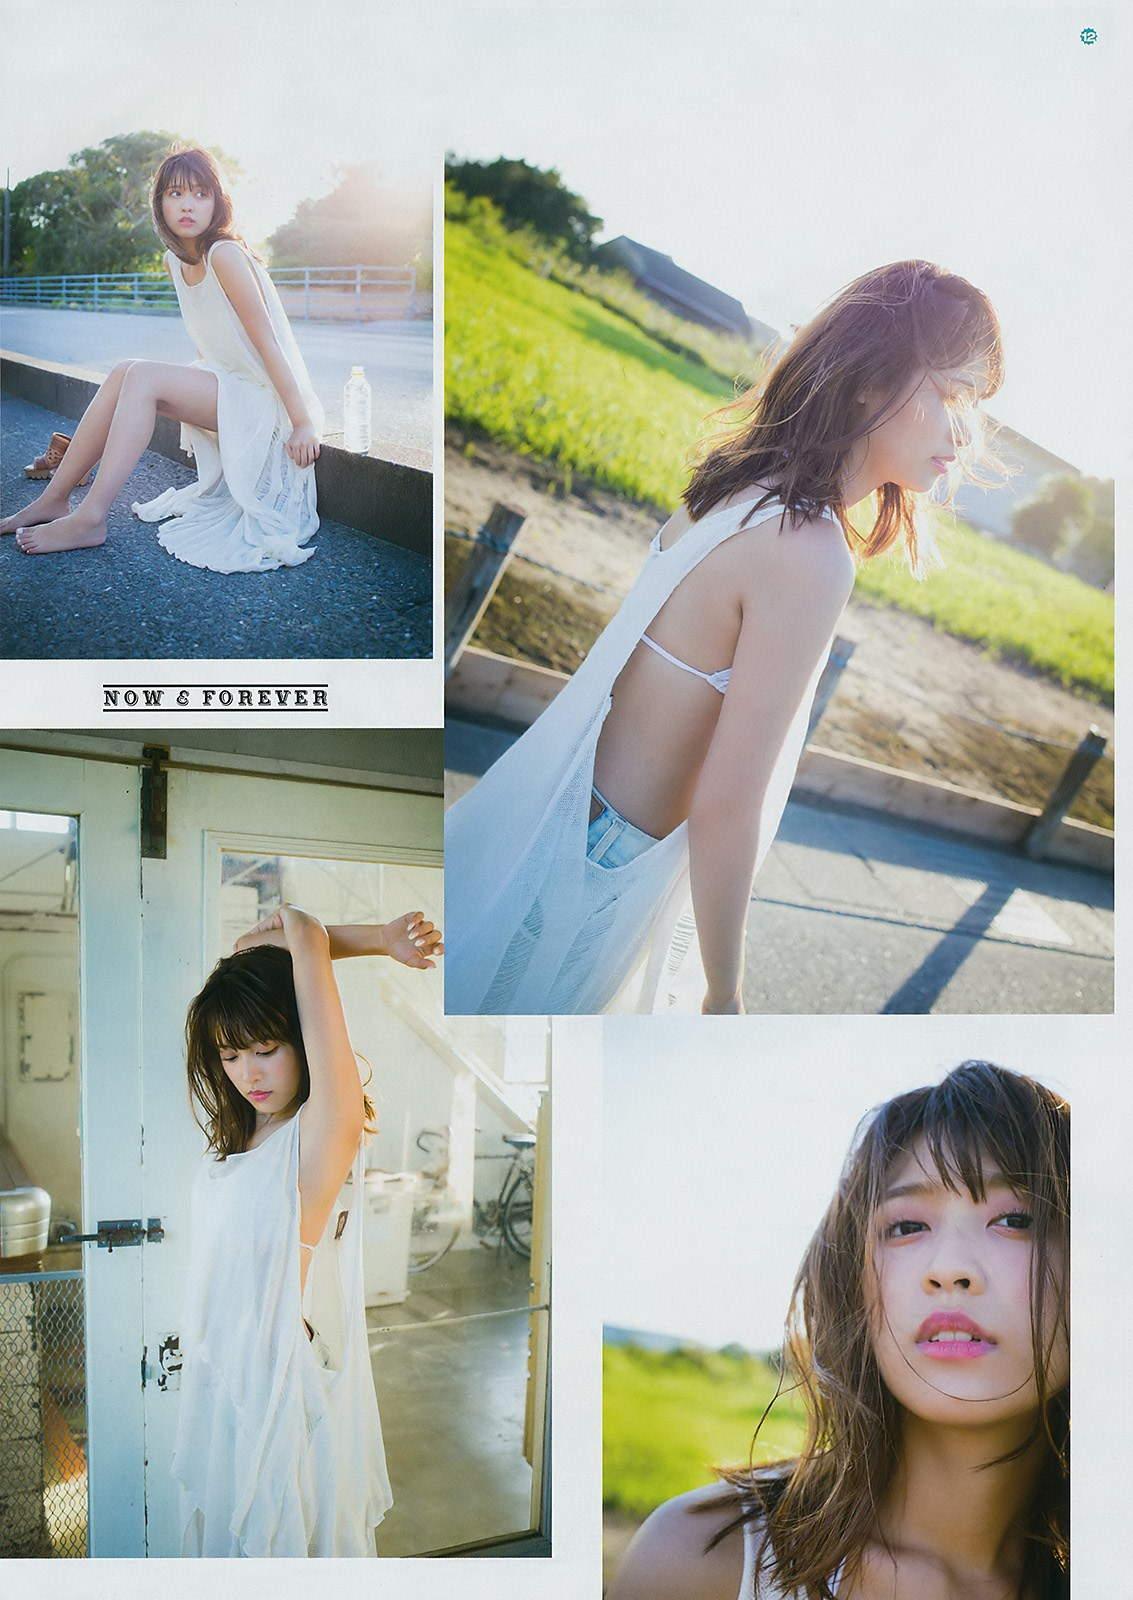 matsumoto_ai124.jpg